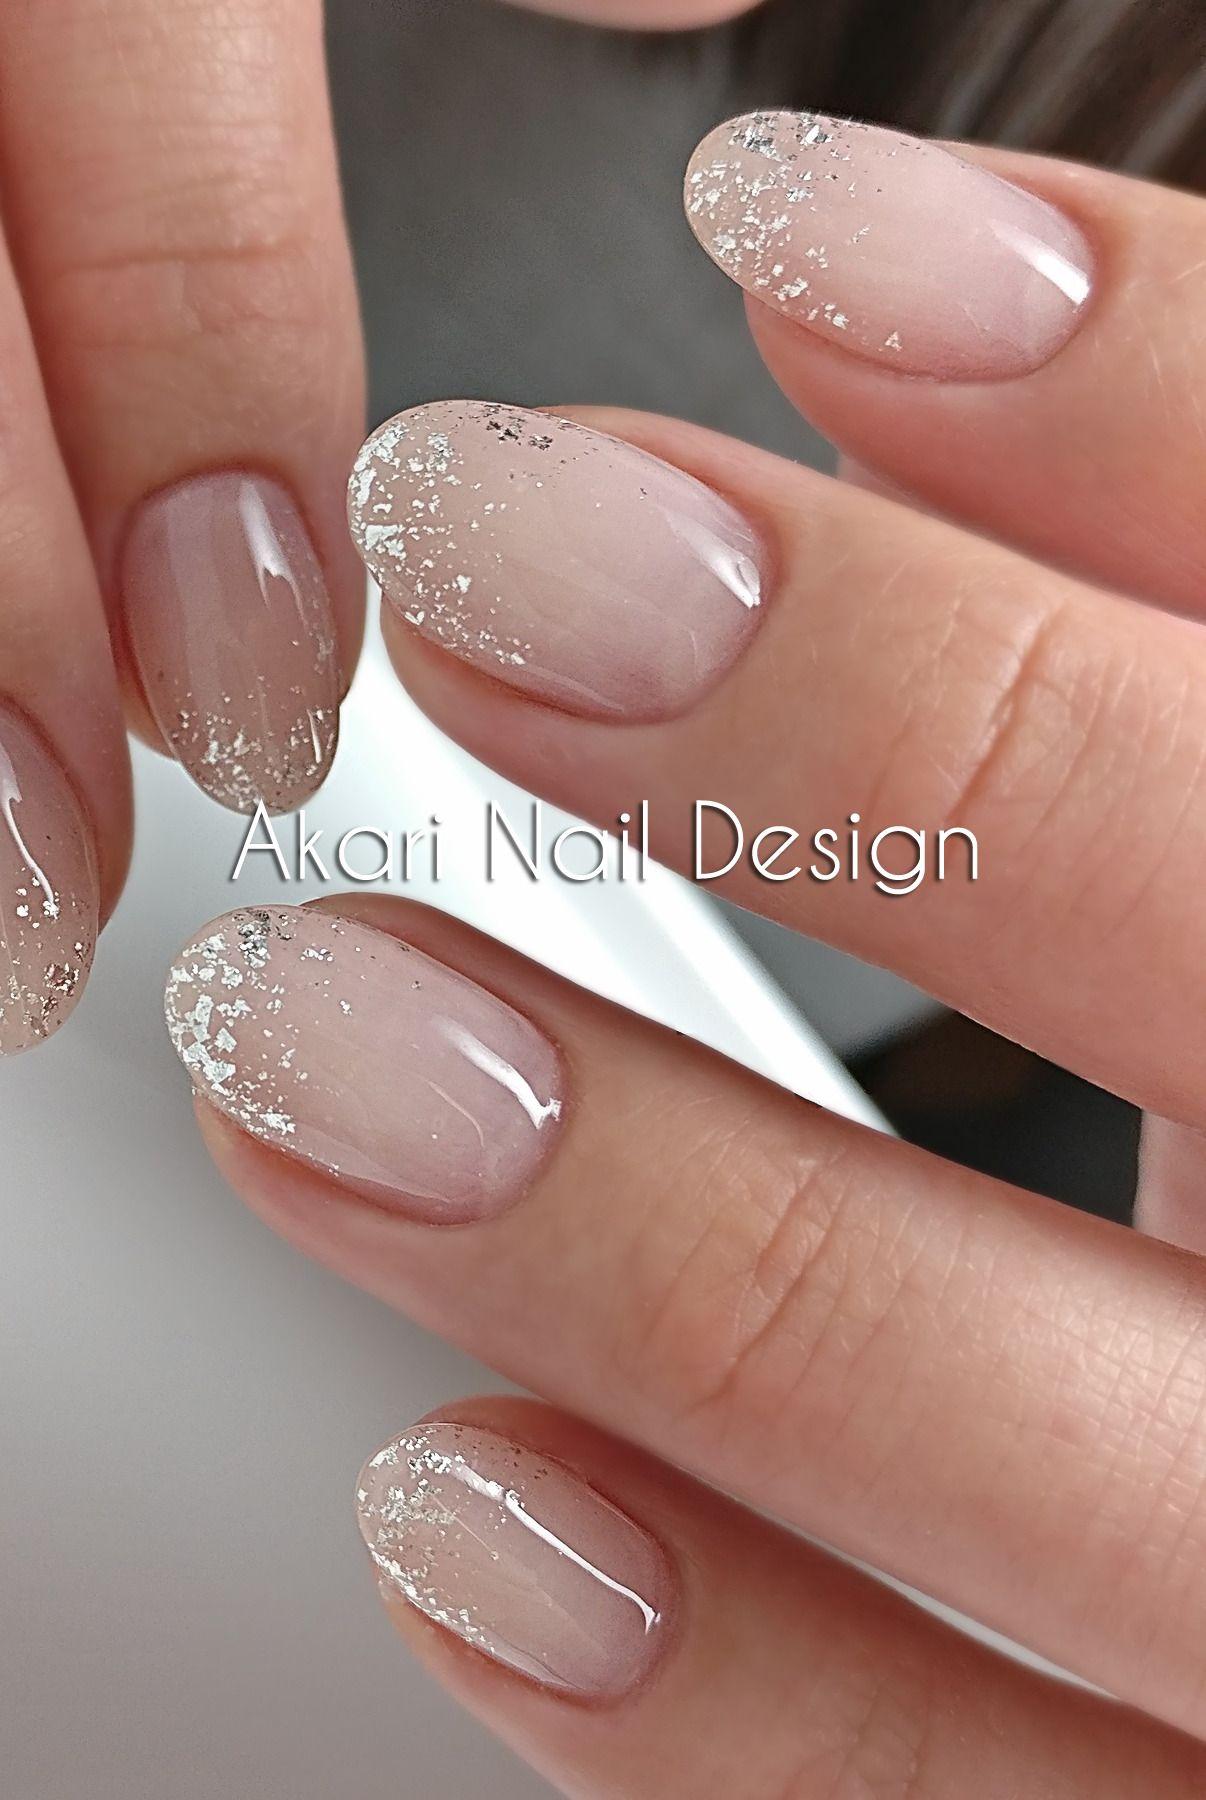 Akari Nail Design: Photo